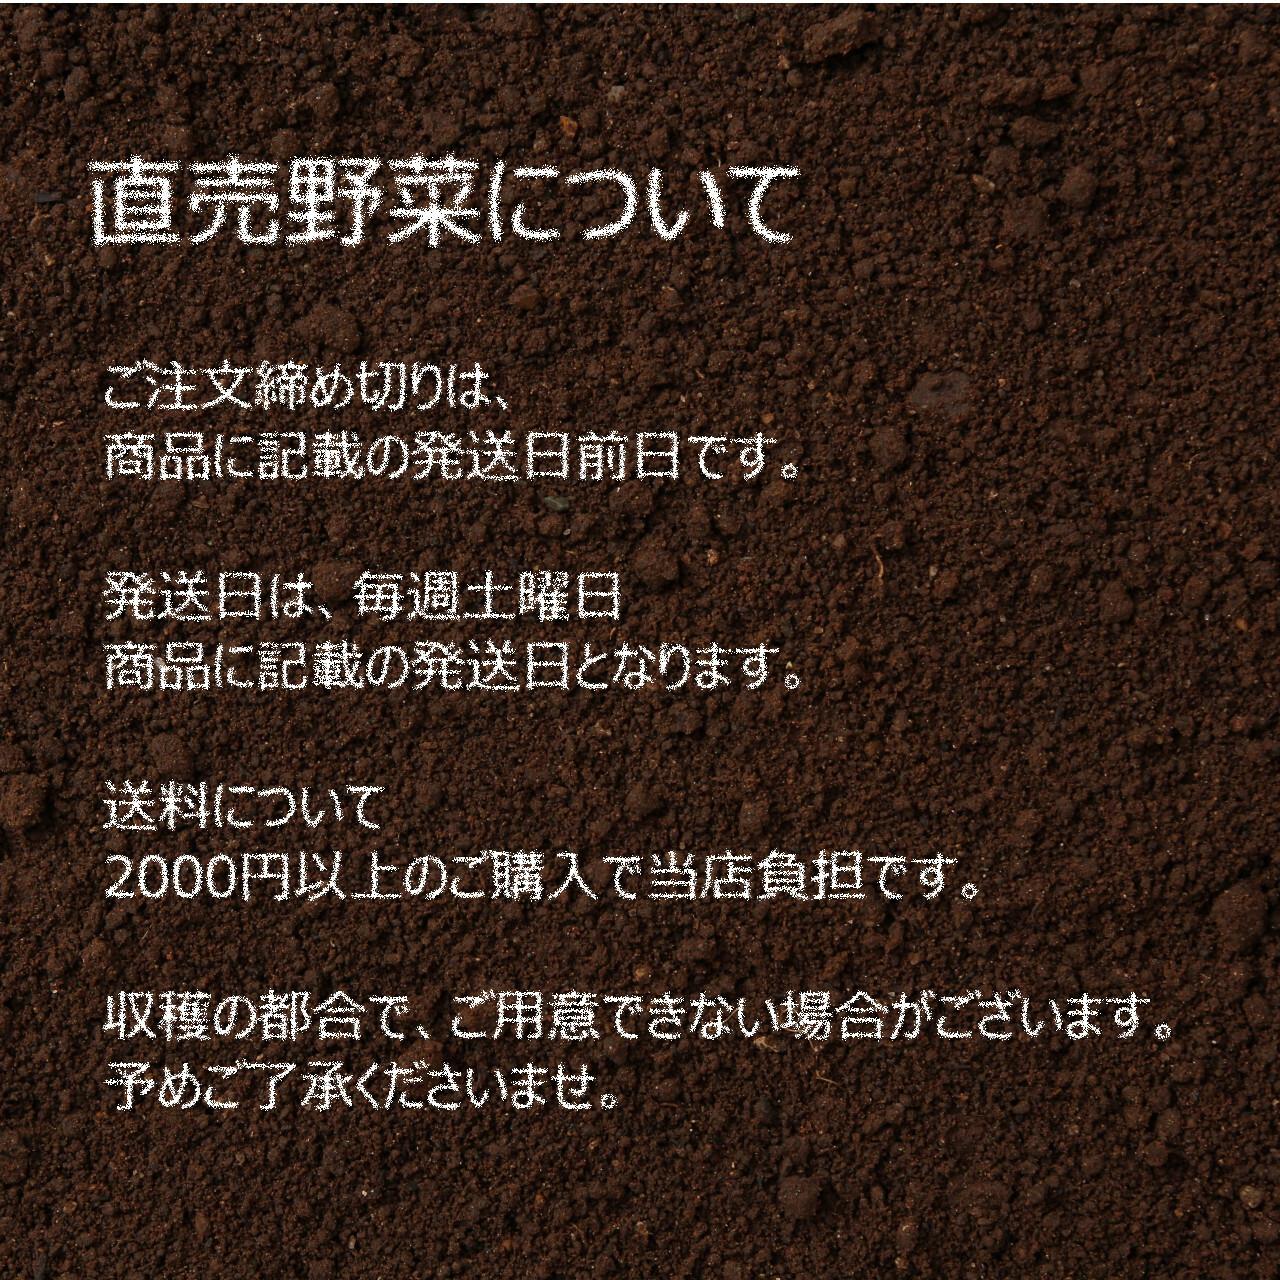 6月の朝採り直売野菜 : ガーデンレタス 約150g 春の新鮮野菜 6月6日発送予定